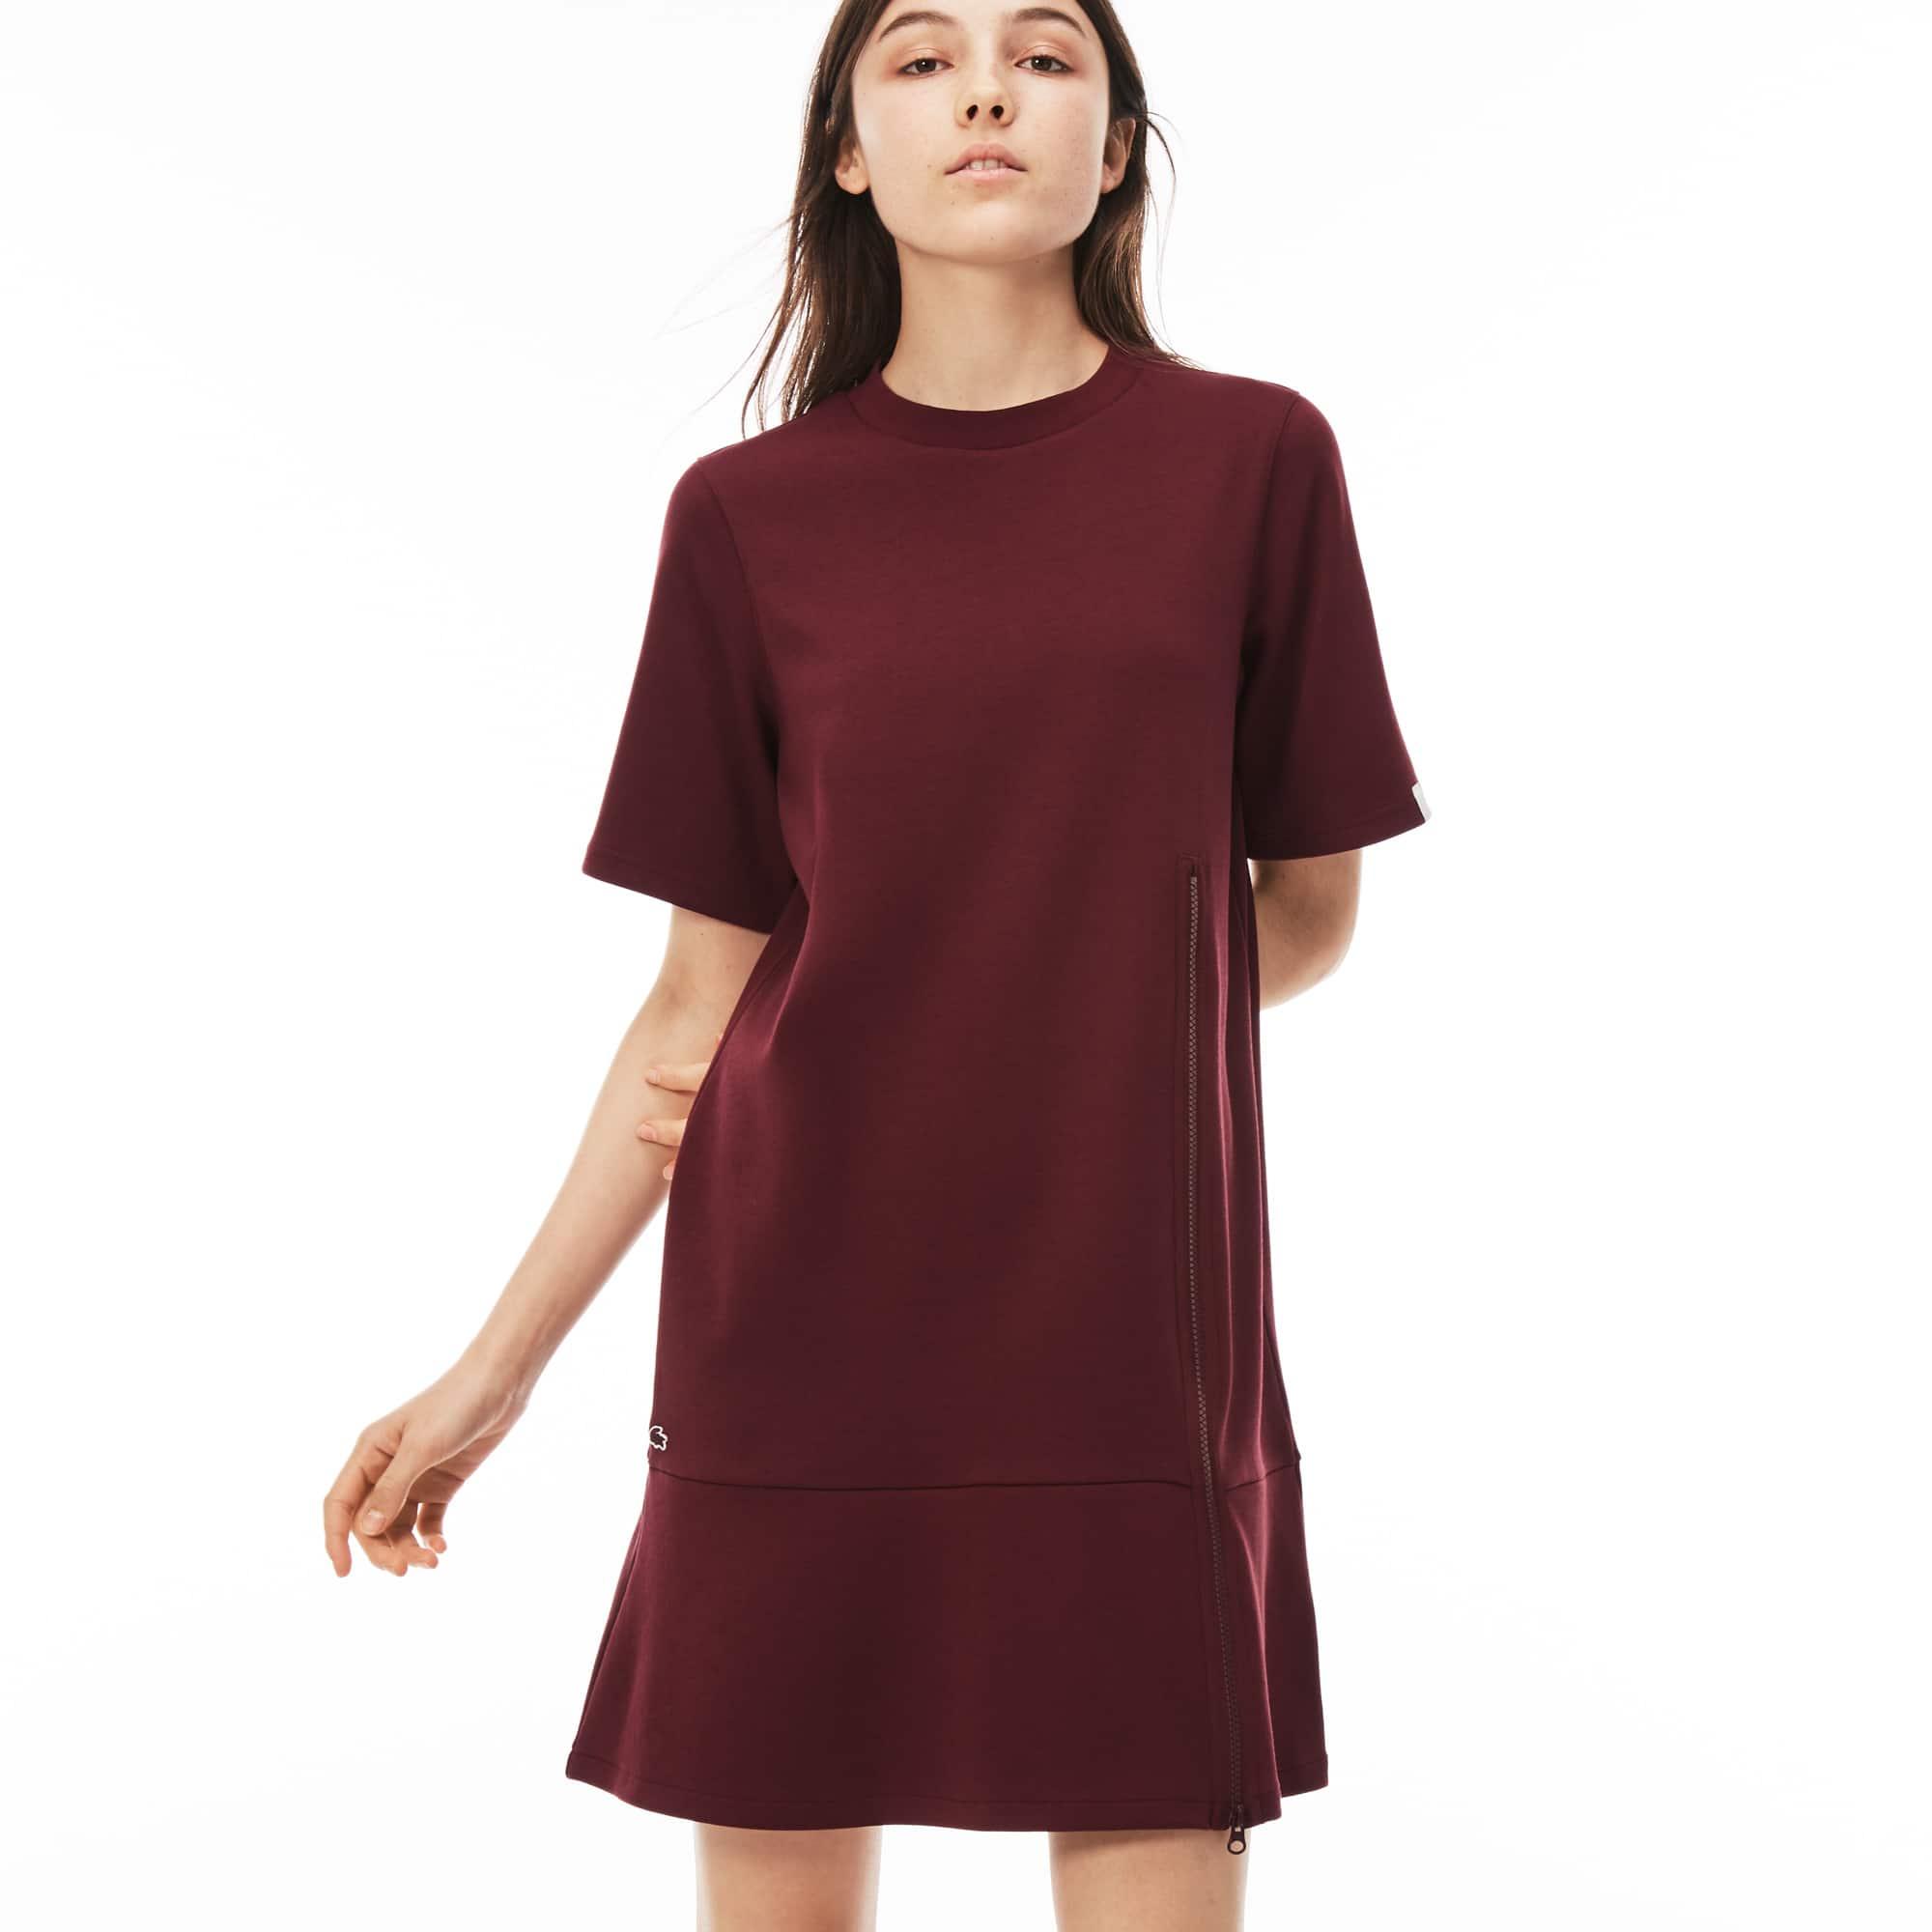 Damen-Sweatshirtkleid mit Reißverschluss LACOSTE L!VE